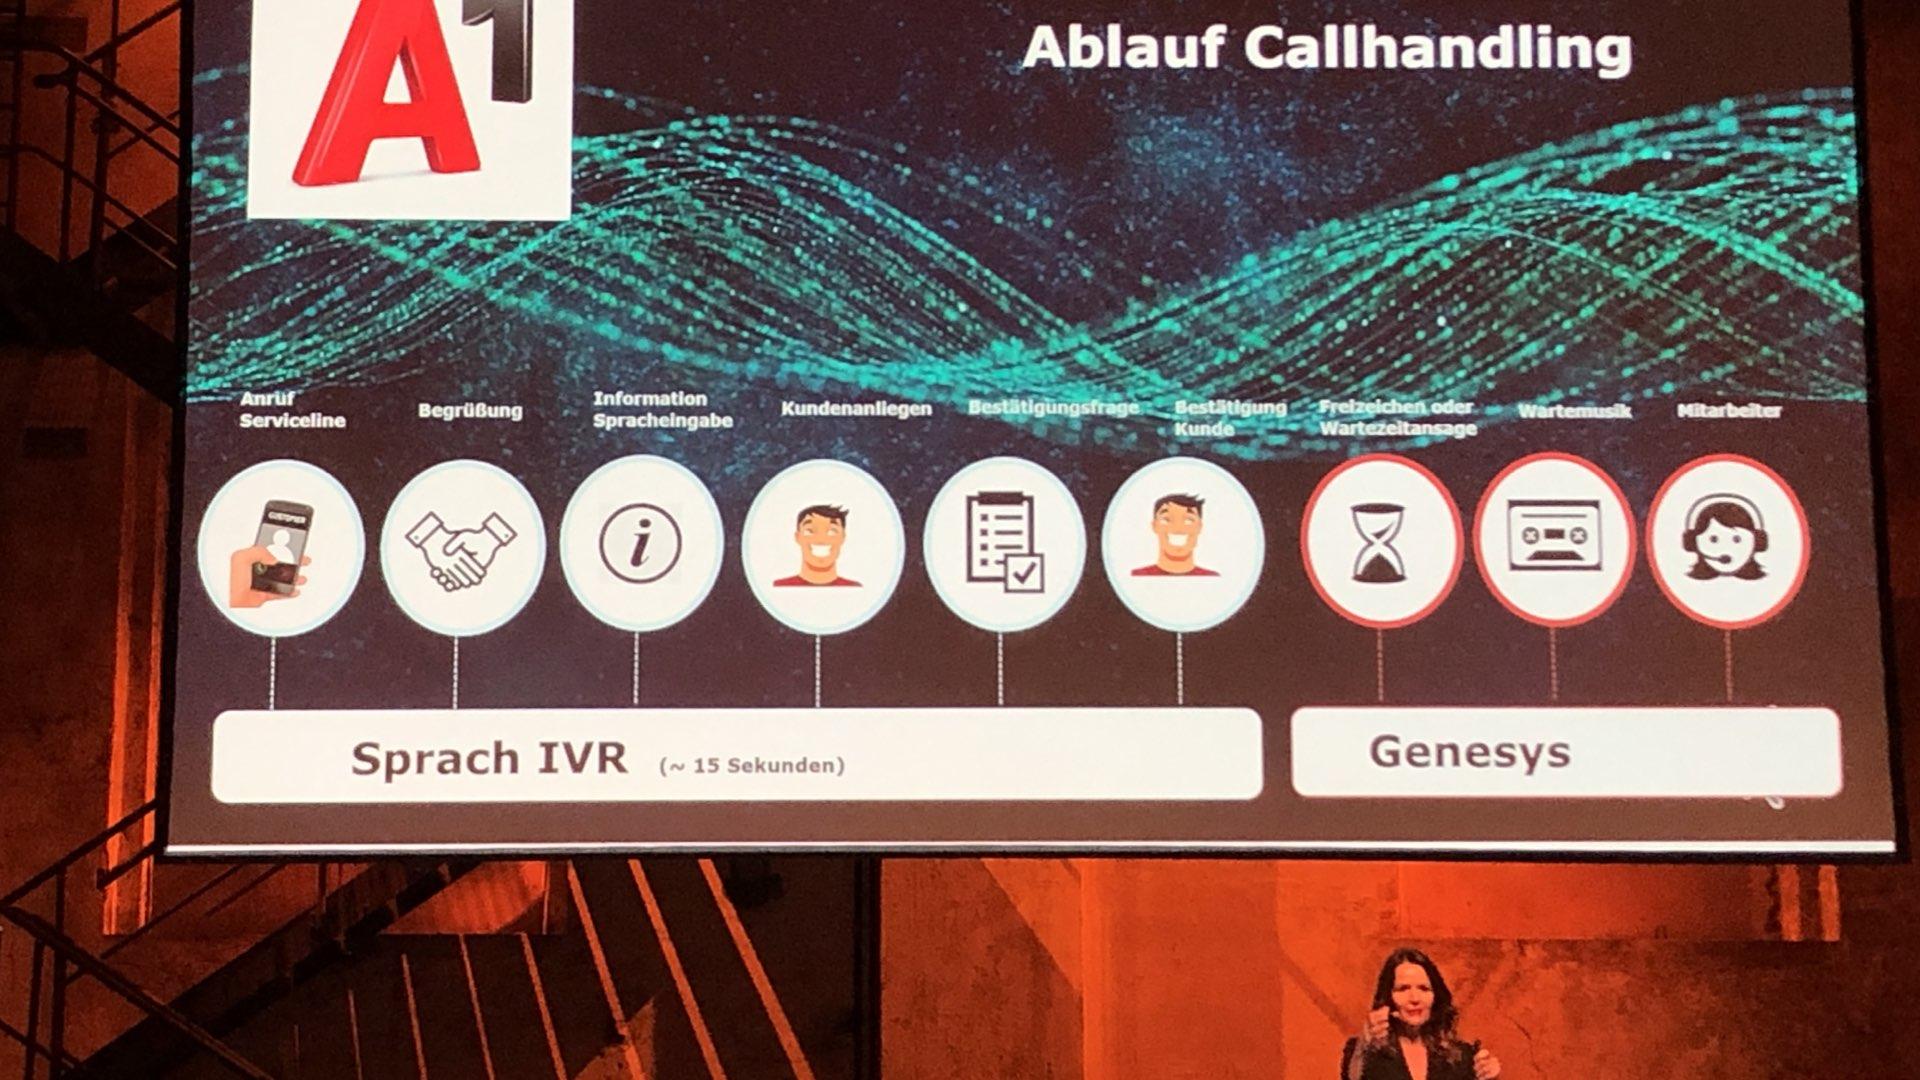 Elke Schaffer (Director Customer Service & Sales von A1) über den Ablauf des Callhandlings